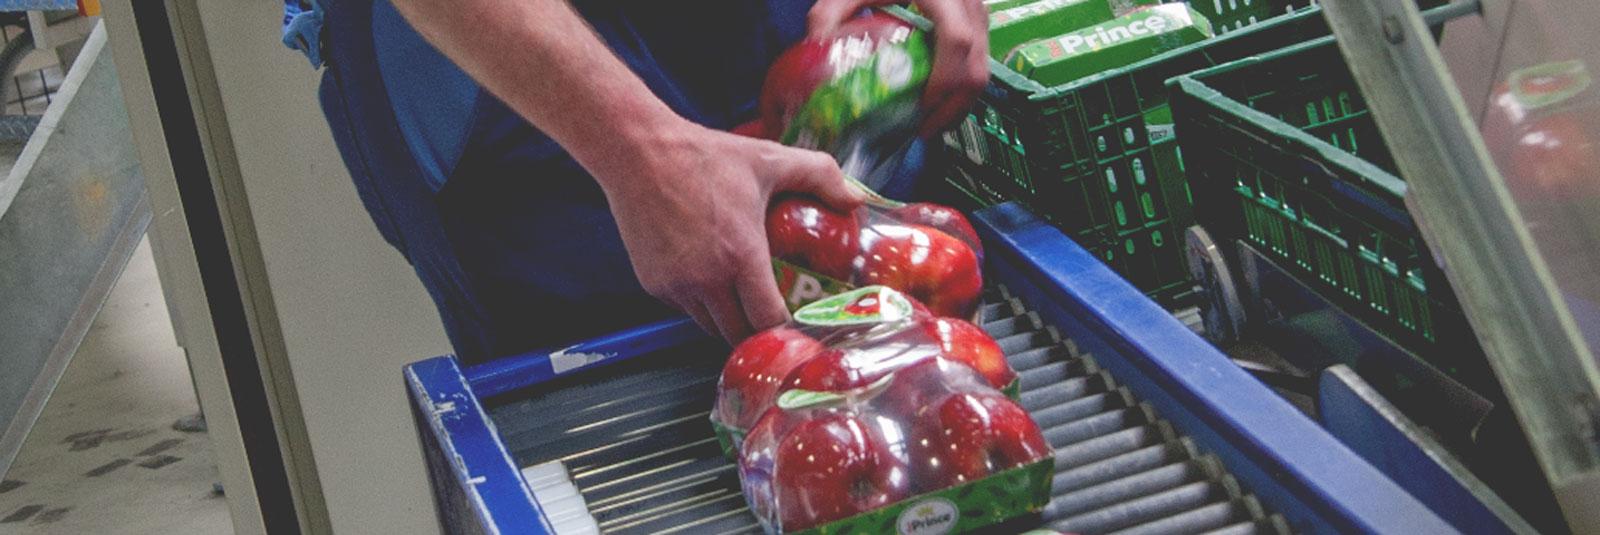 Red Prince Aktionsverpackungen von Elbe-Obst aus dem Alten Land